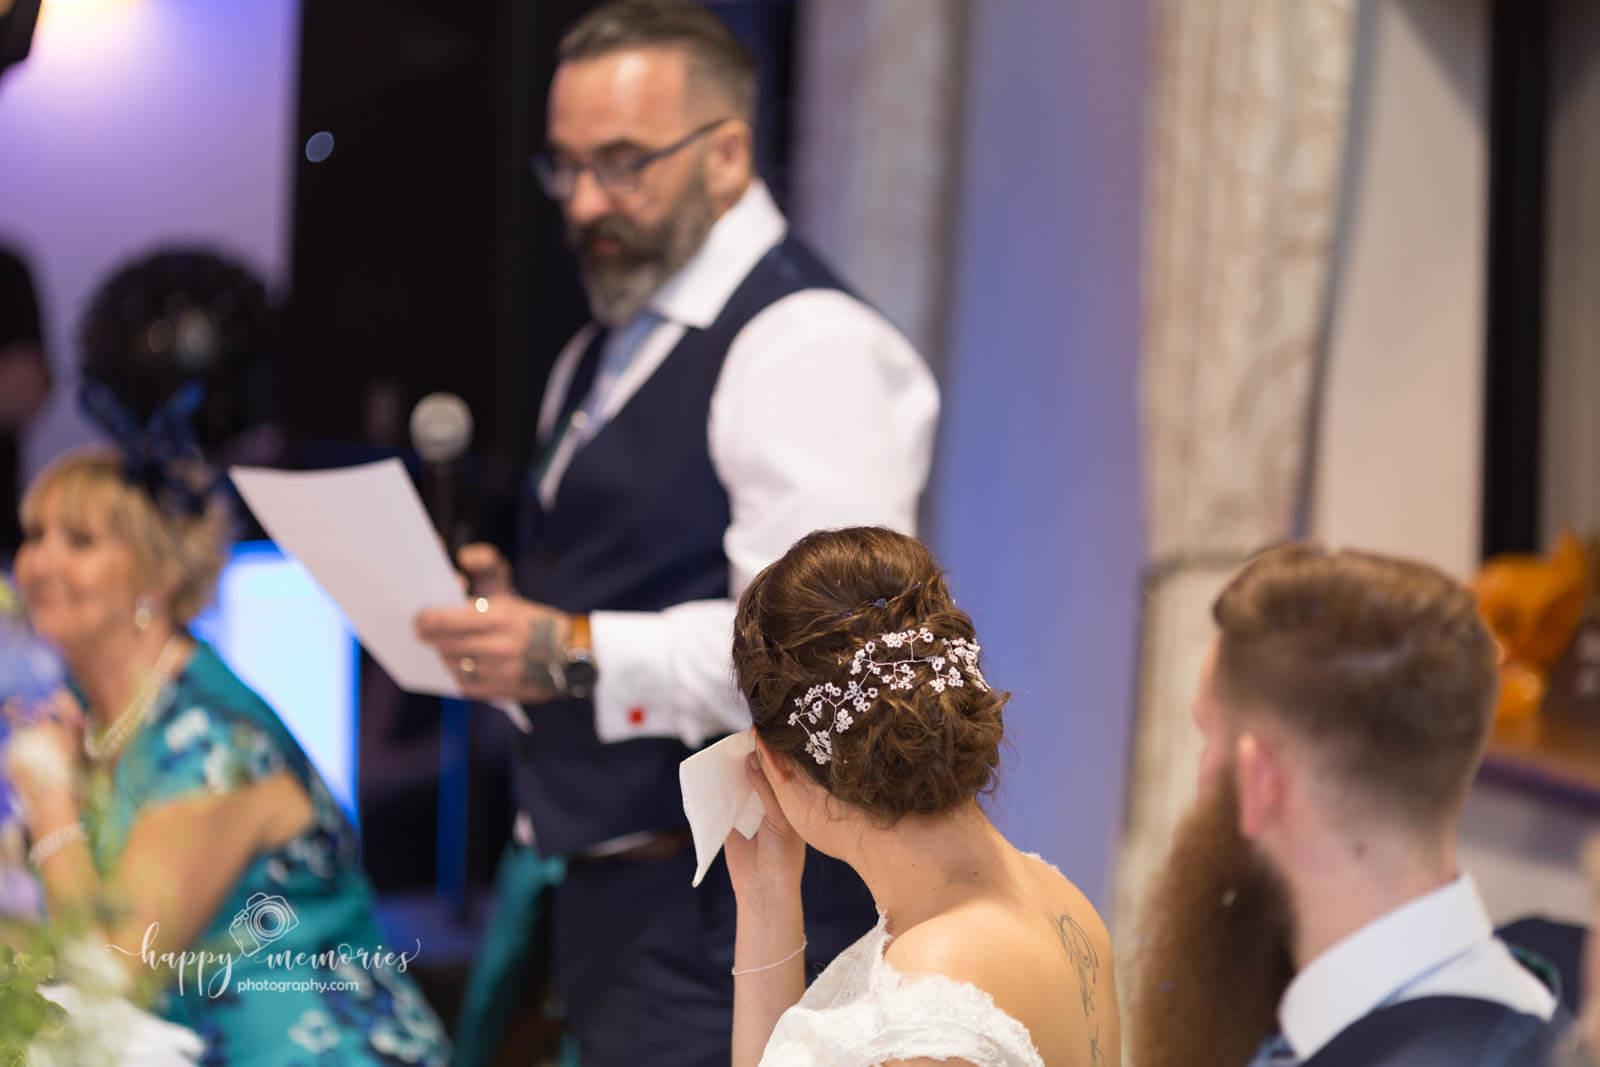 Wedding photographer Crawley-39